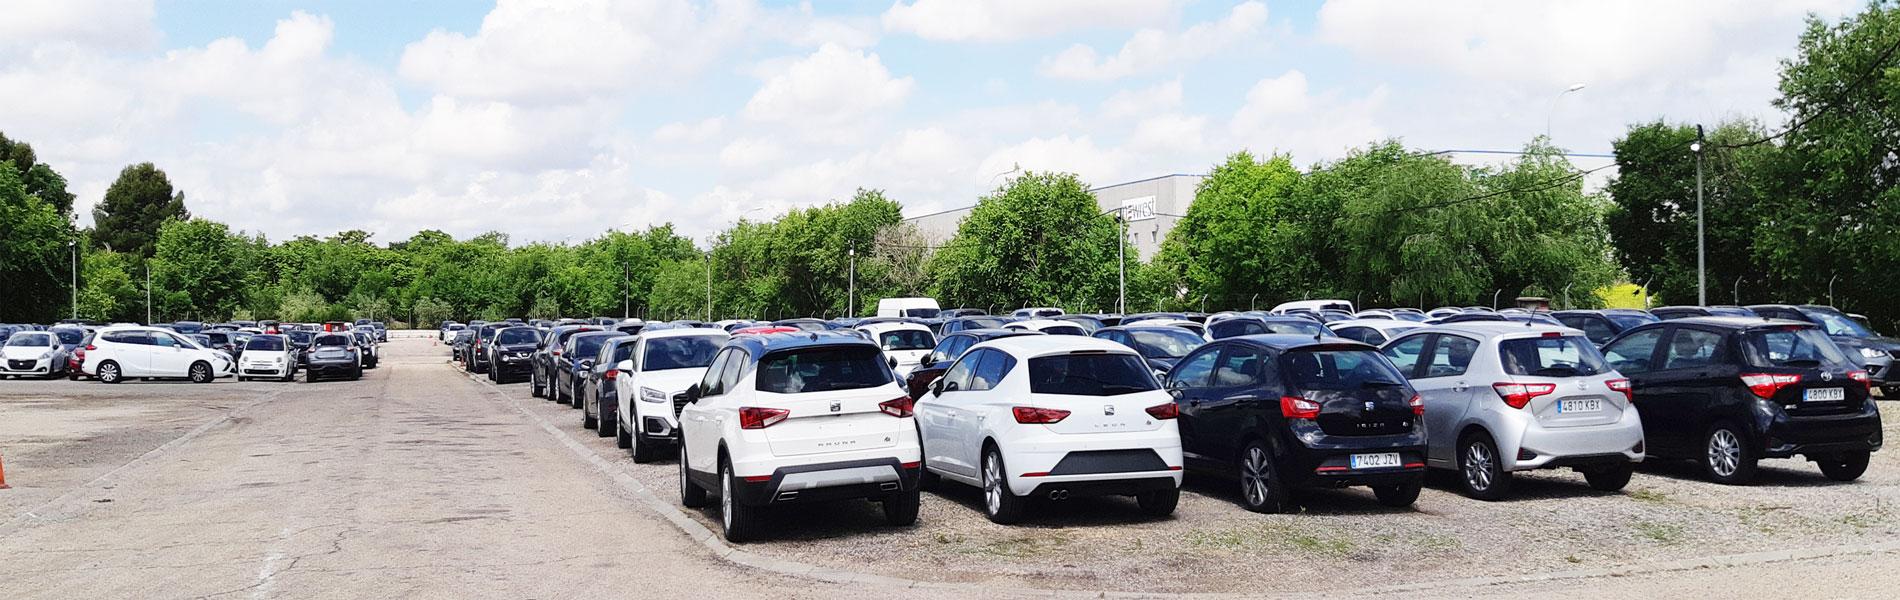 Parking Barajas aeropuerto Madrid